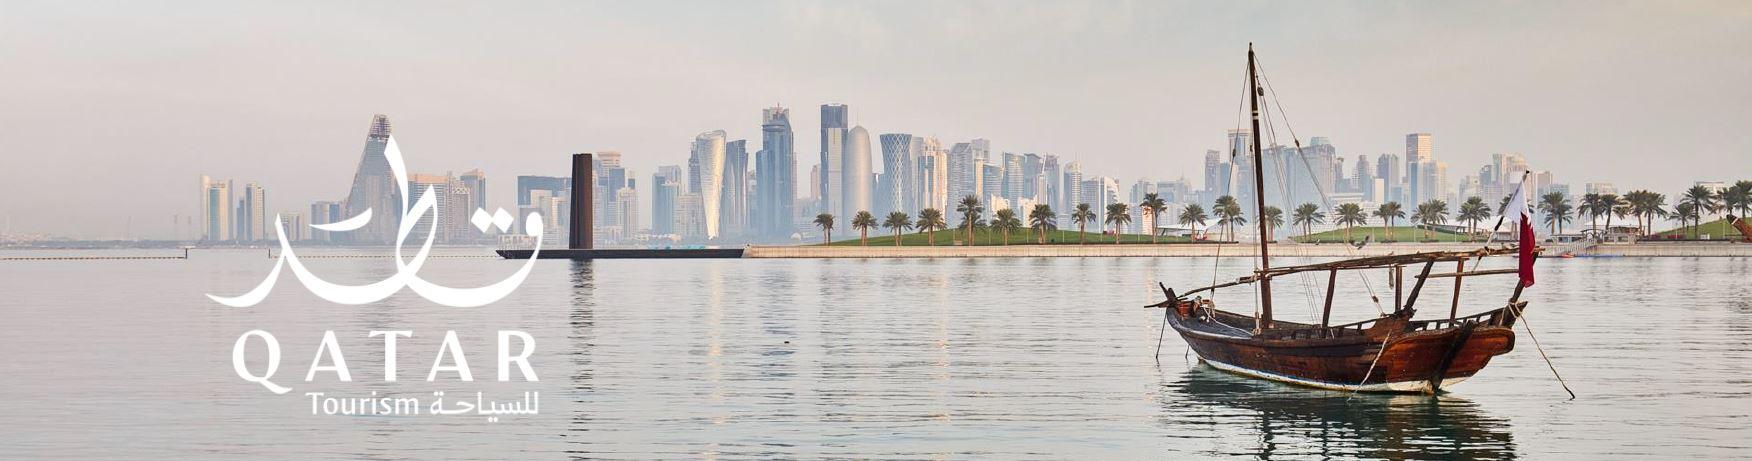 Tourisme : le Qatar assouplit ses conditions de voyages 3989